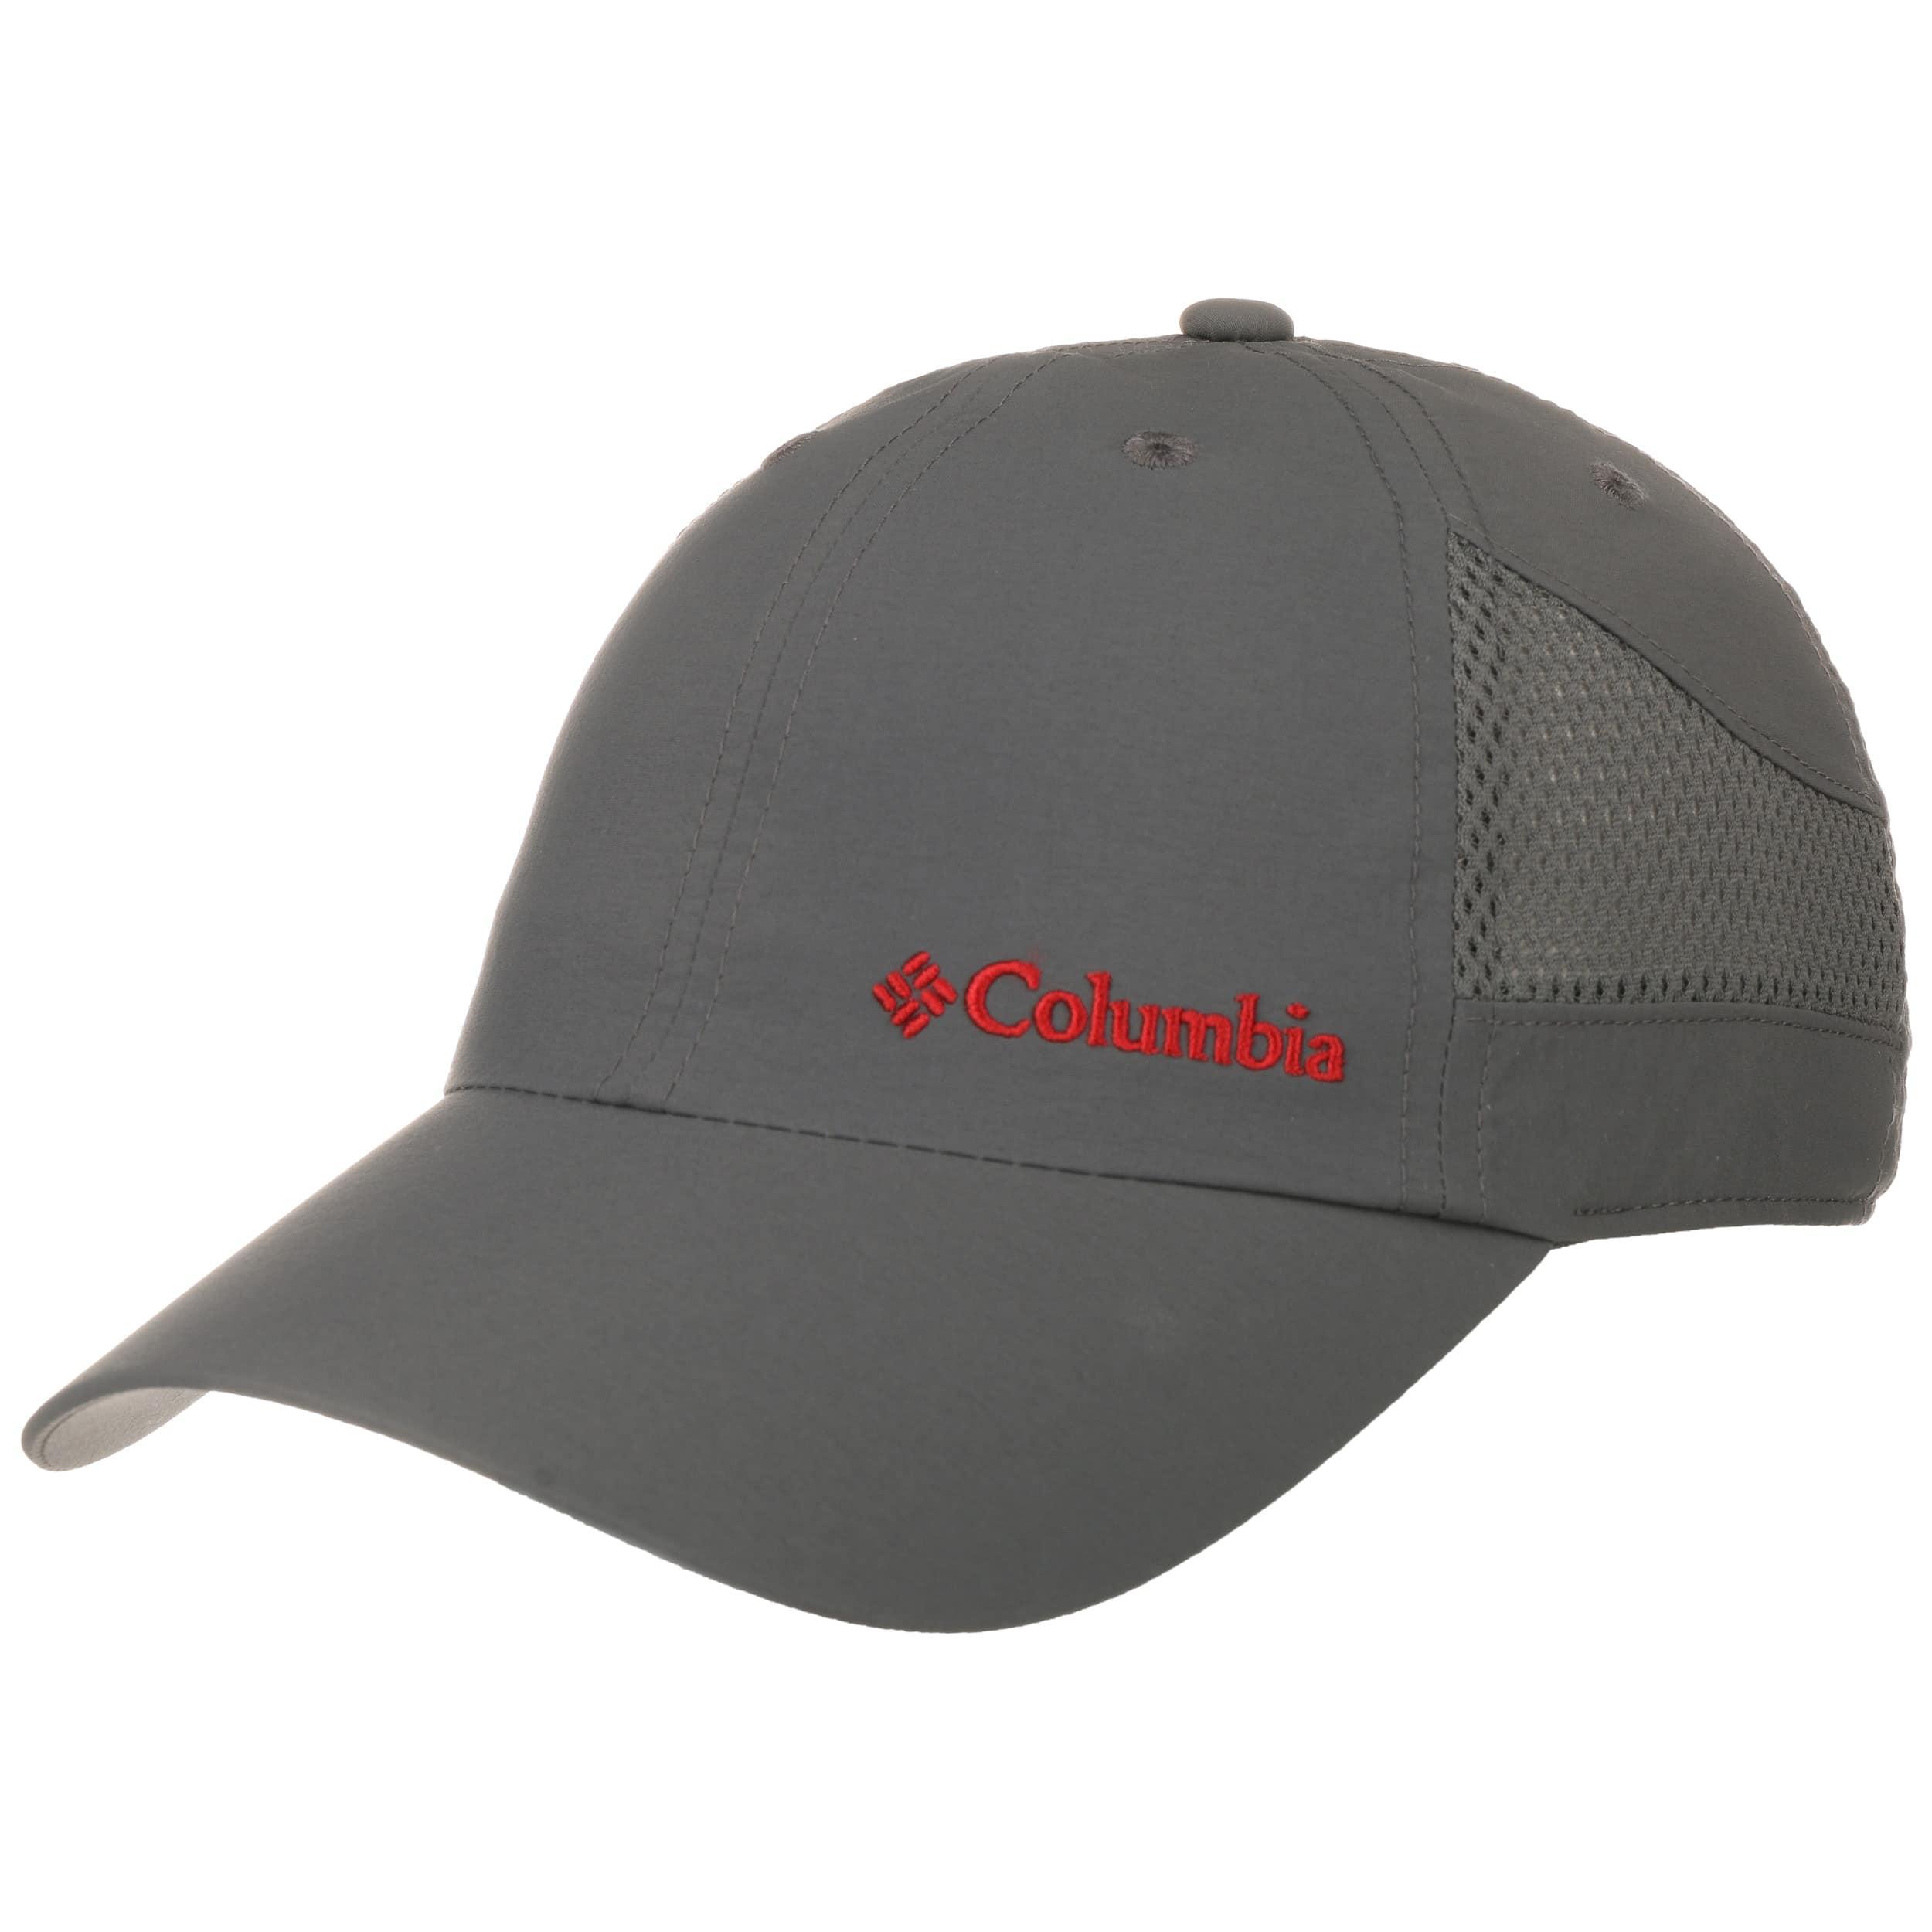 ceb36052f9df9 Gorra Tech Shade Strapback by Columbia - Gorras - sombreroshop.es